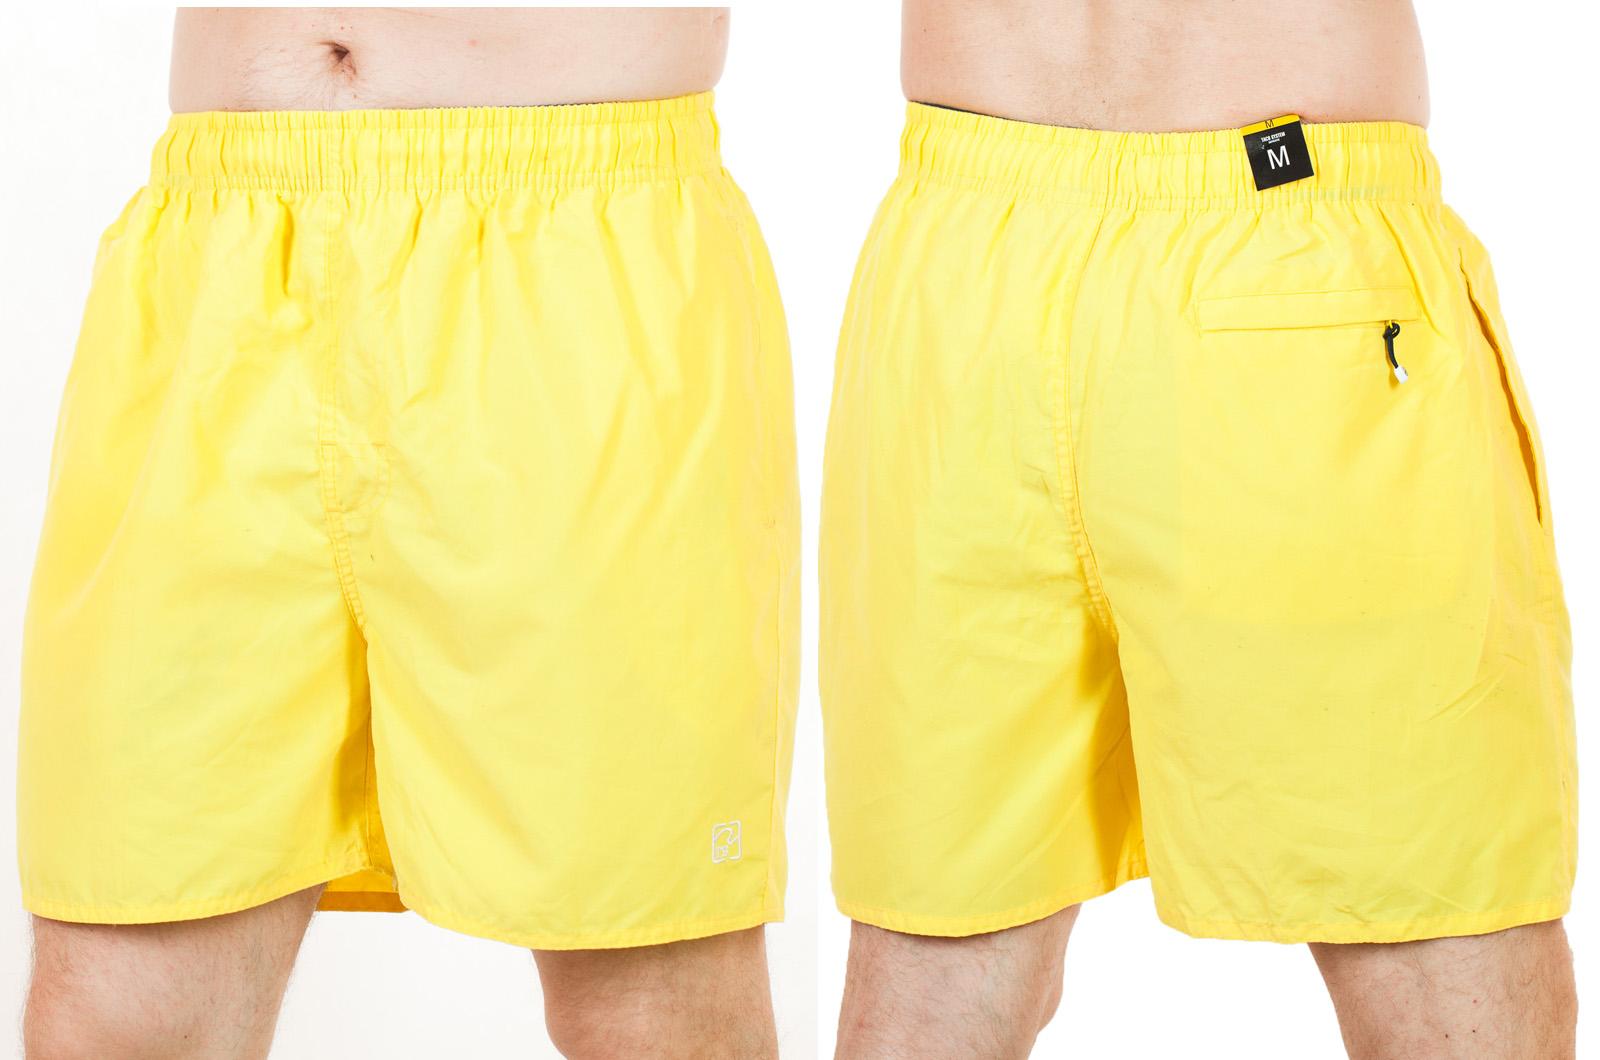 Шикарные ярко-жёлтые мужские шорты от Dead Legacy с доставкой